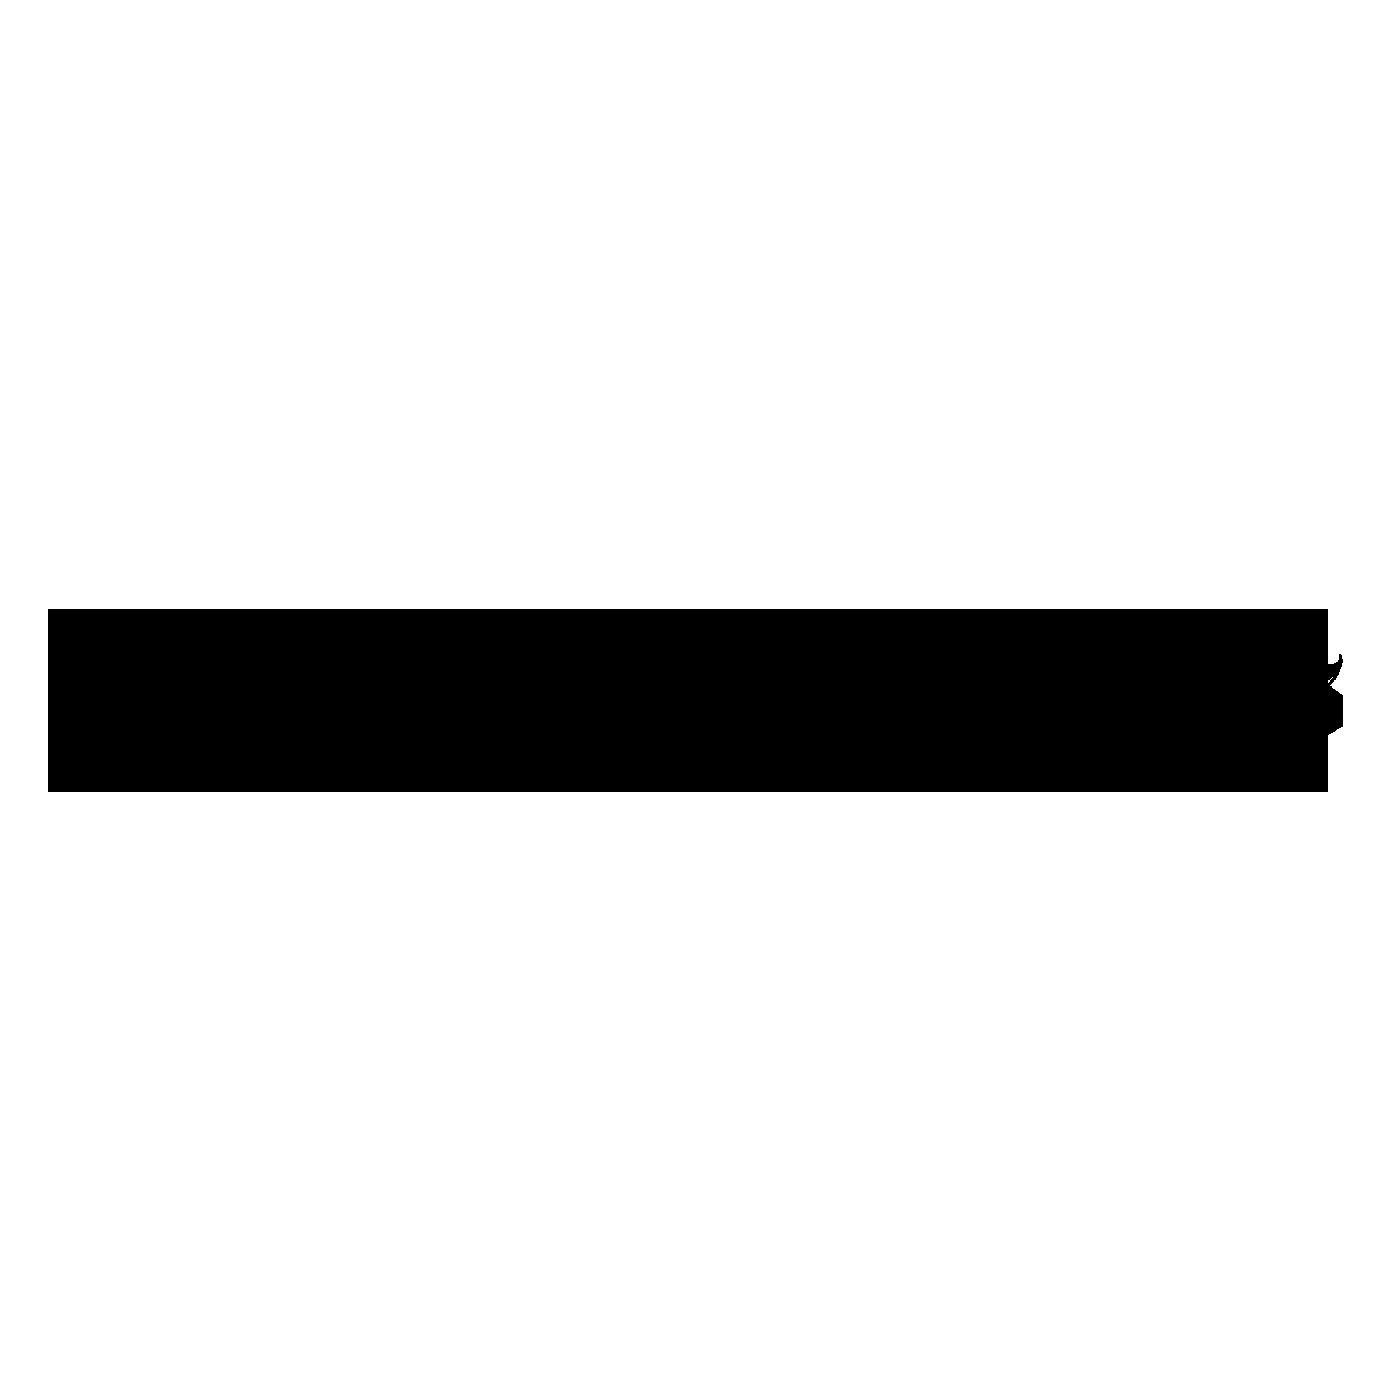 Logos_0004_Layer-1.png